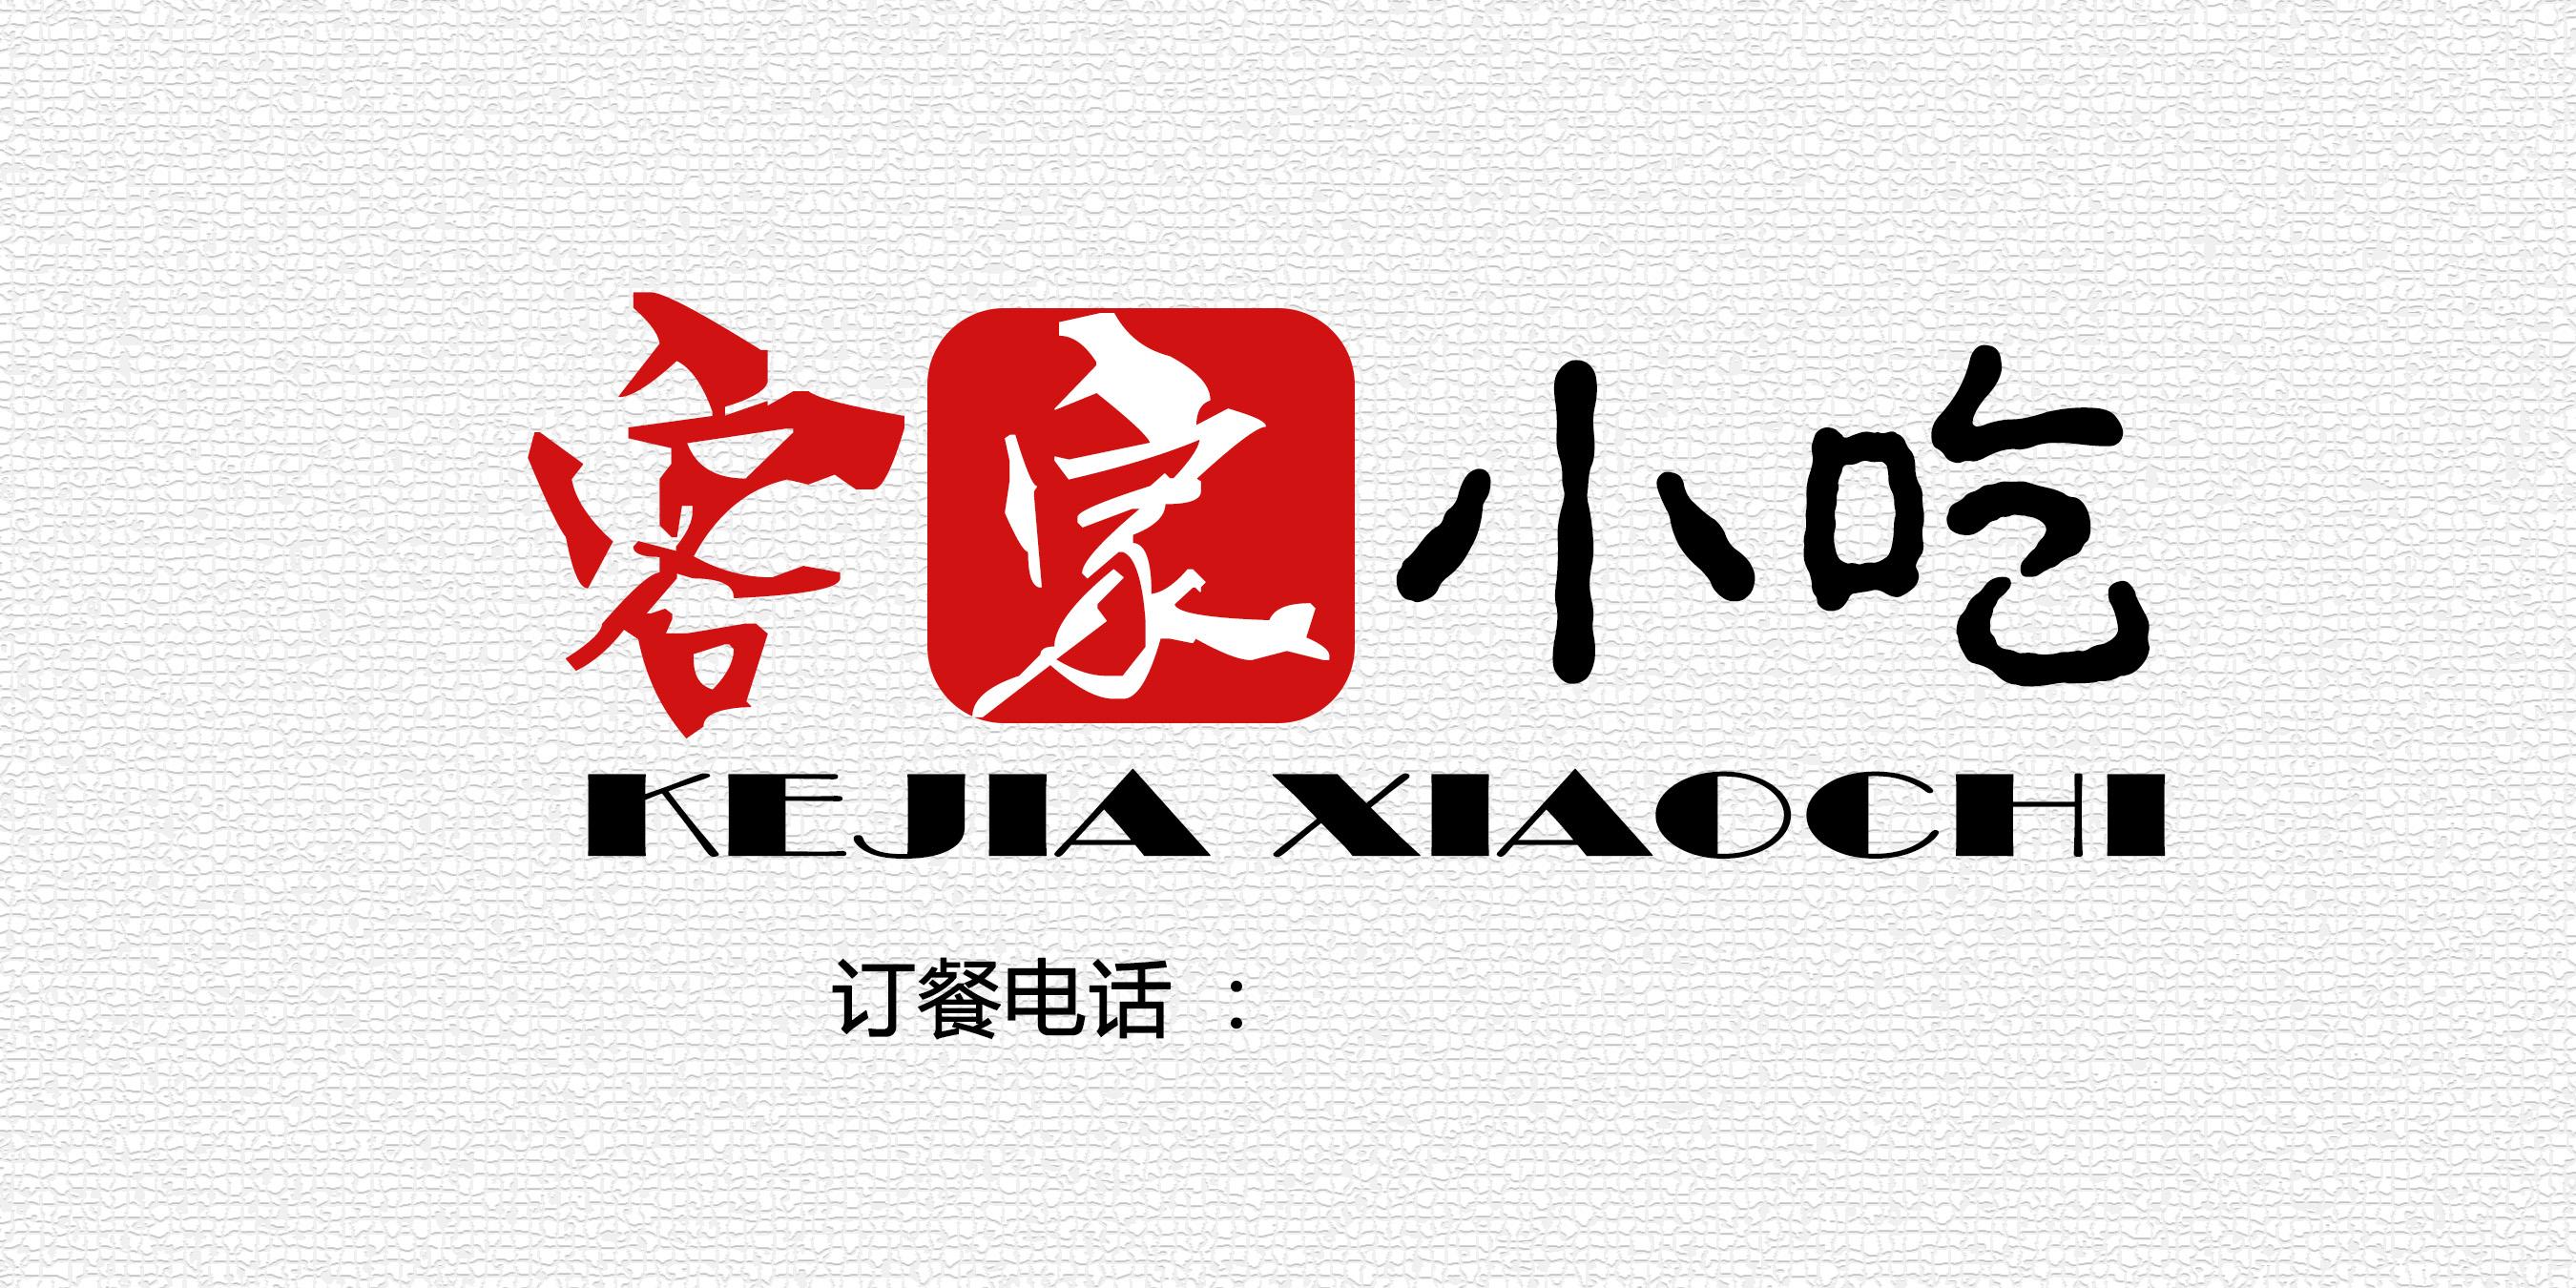 餐饮连锁企业的logo,商标及门面设计图片